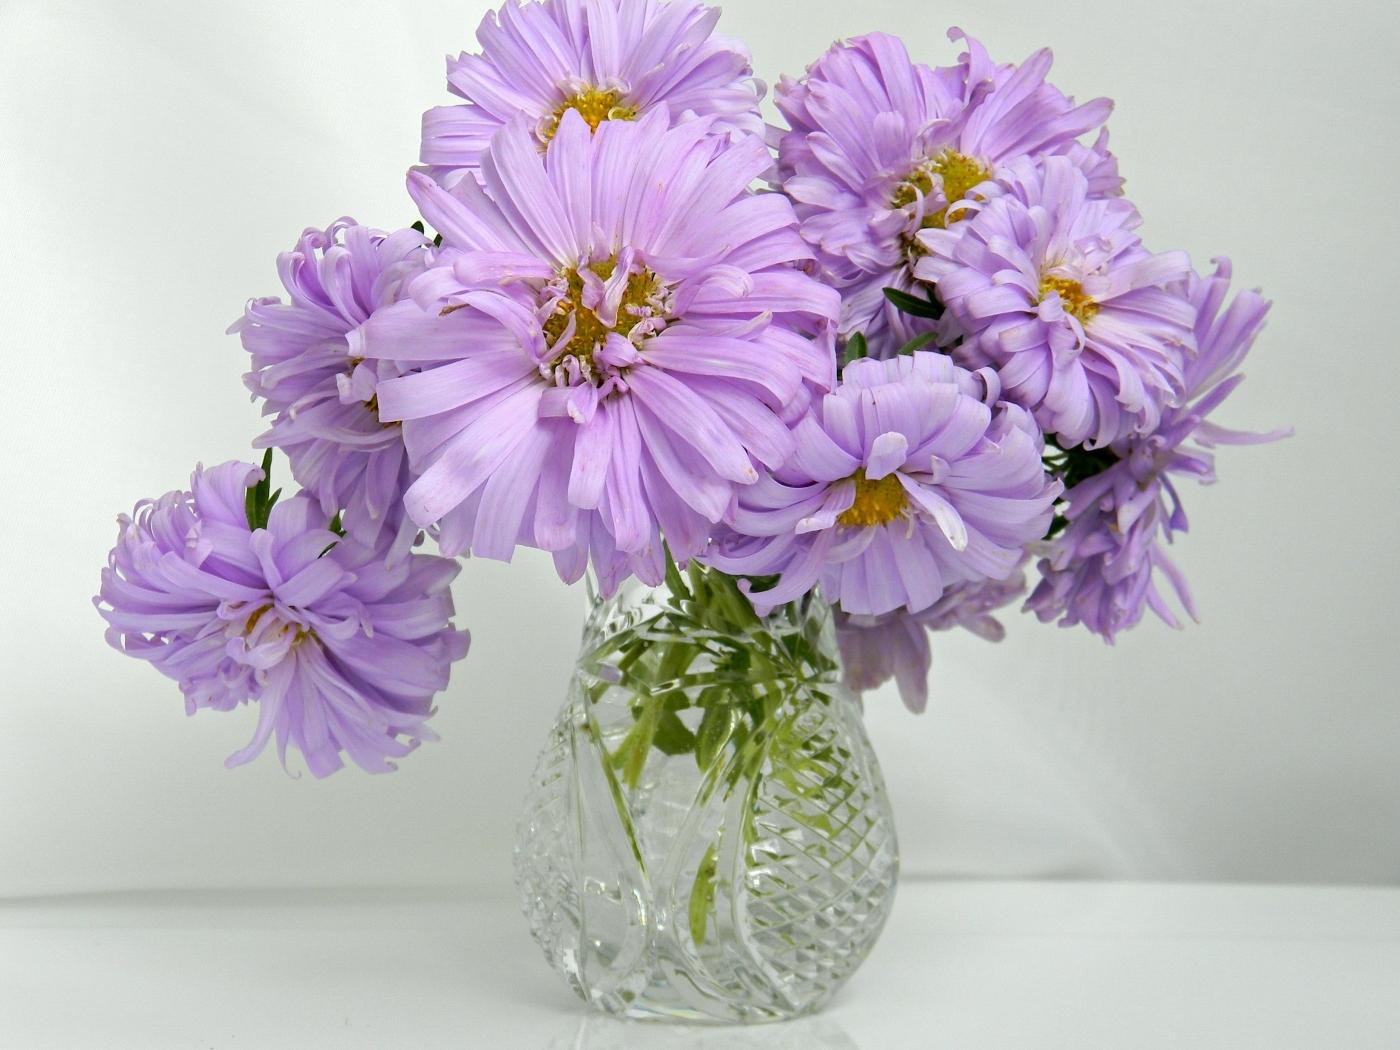 Скачать картинку Букеты, Цветы, Растения в телефон бесплатно.